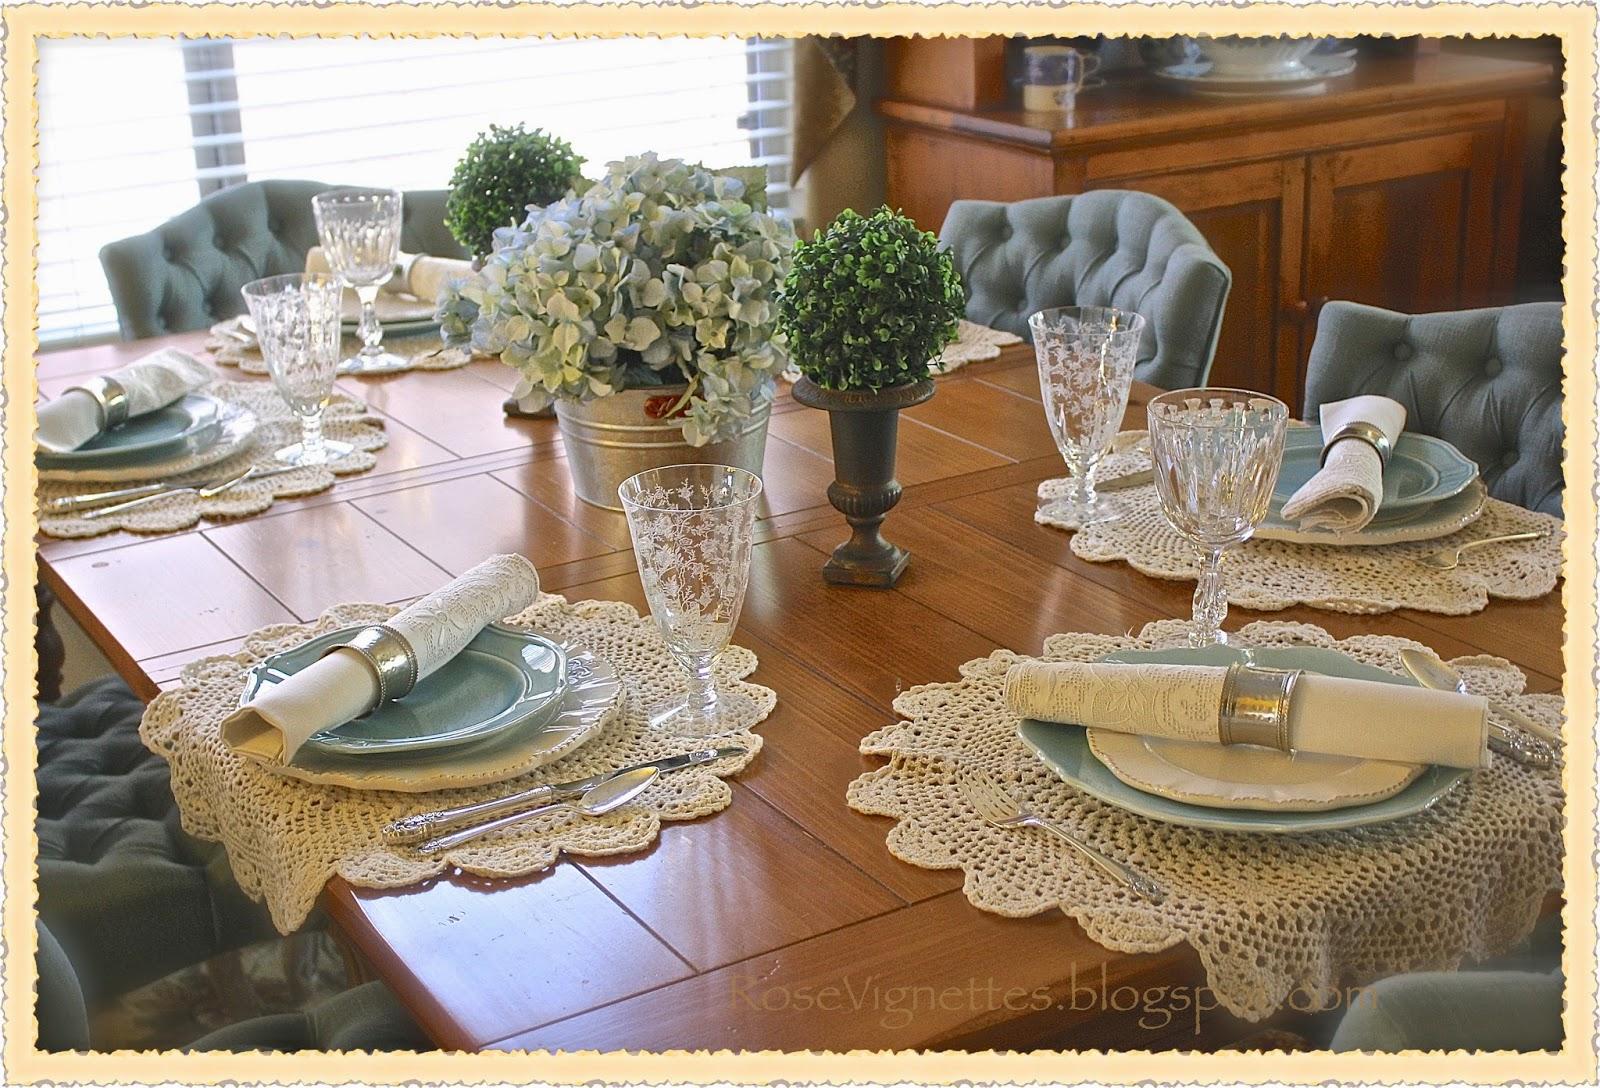 Rose Vignettes Hydrangea Blue Table Scape